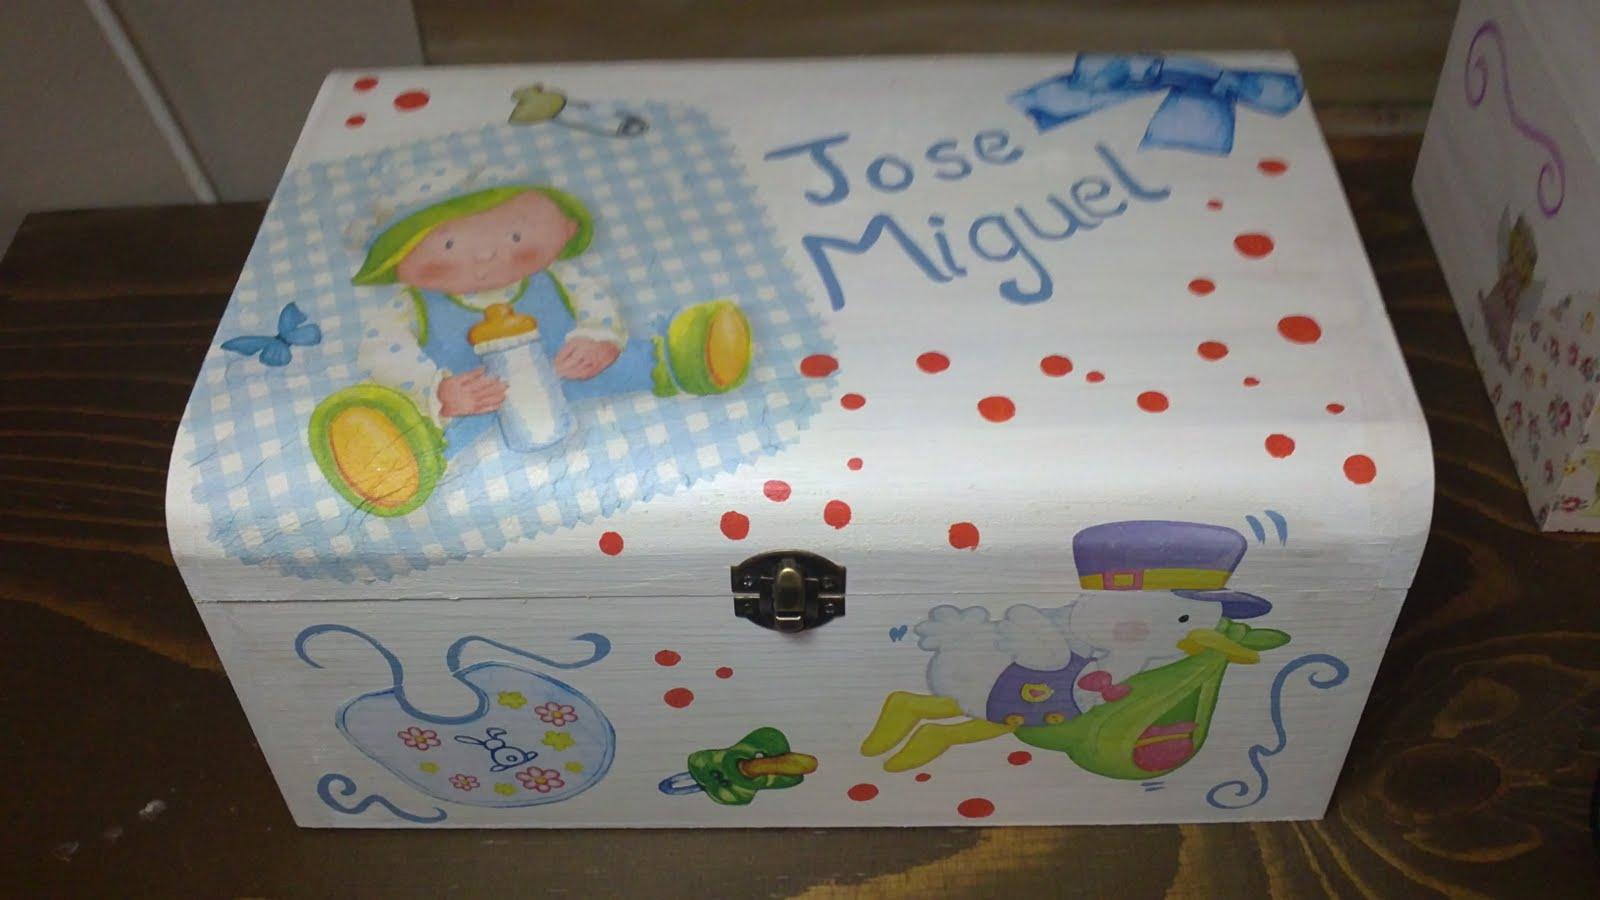 Manualidades y artesan a amarillo huevo - Cajas decoradas para bebes ...